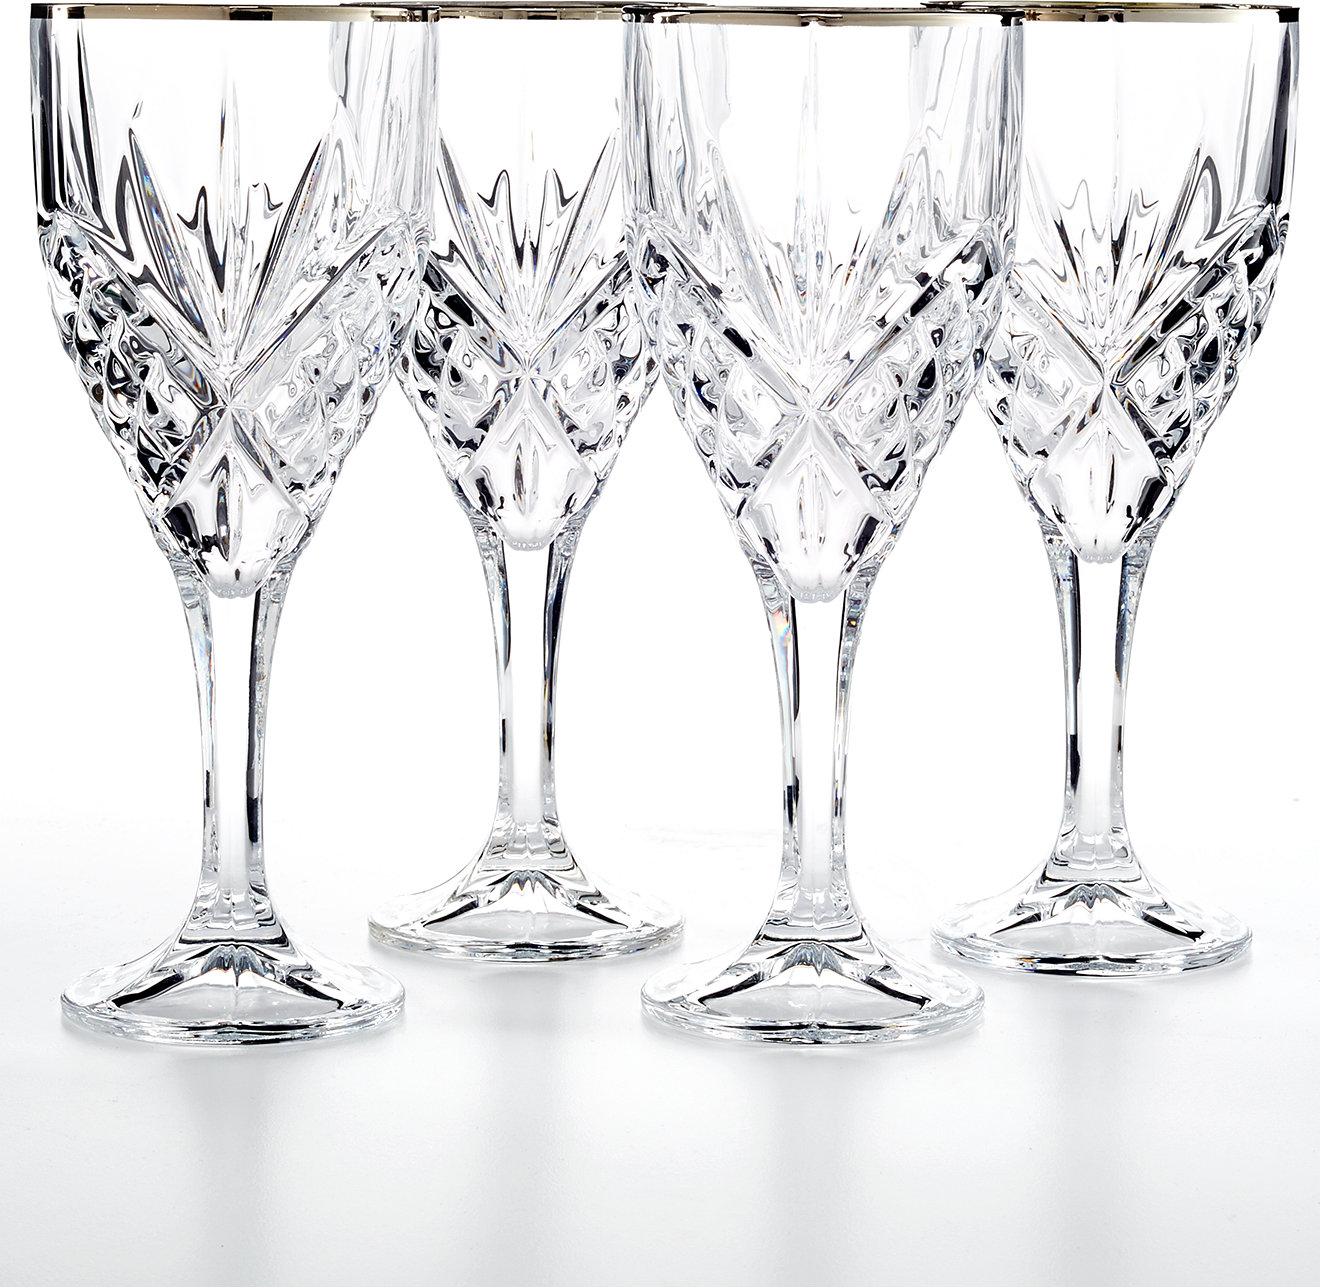 White apron macy's - Godinger Dublin Platinum Goblets Set Of 4 All Glassware Drinkware Dining